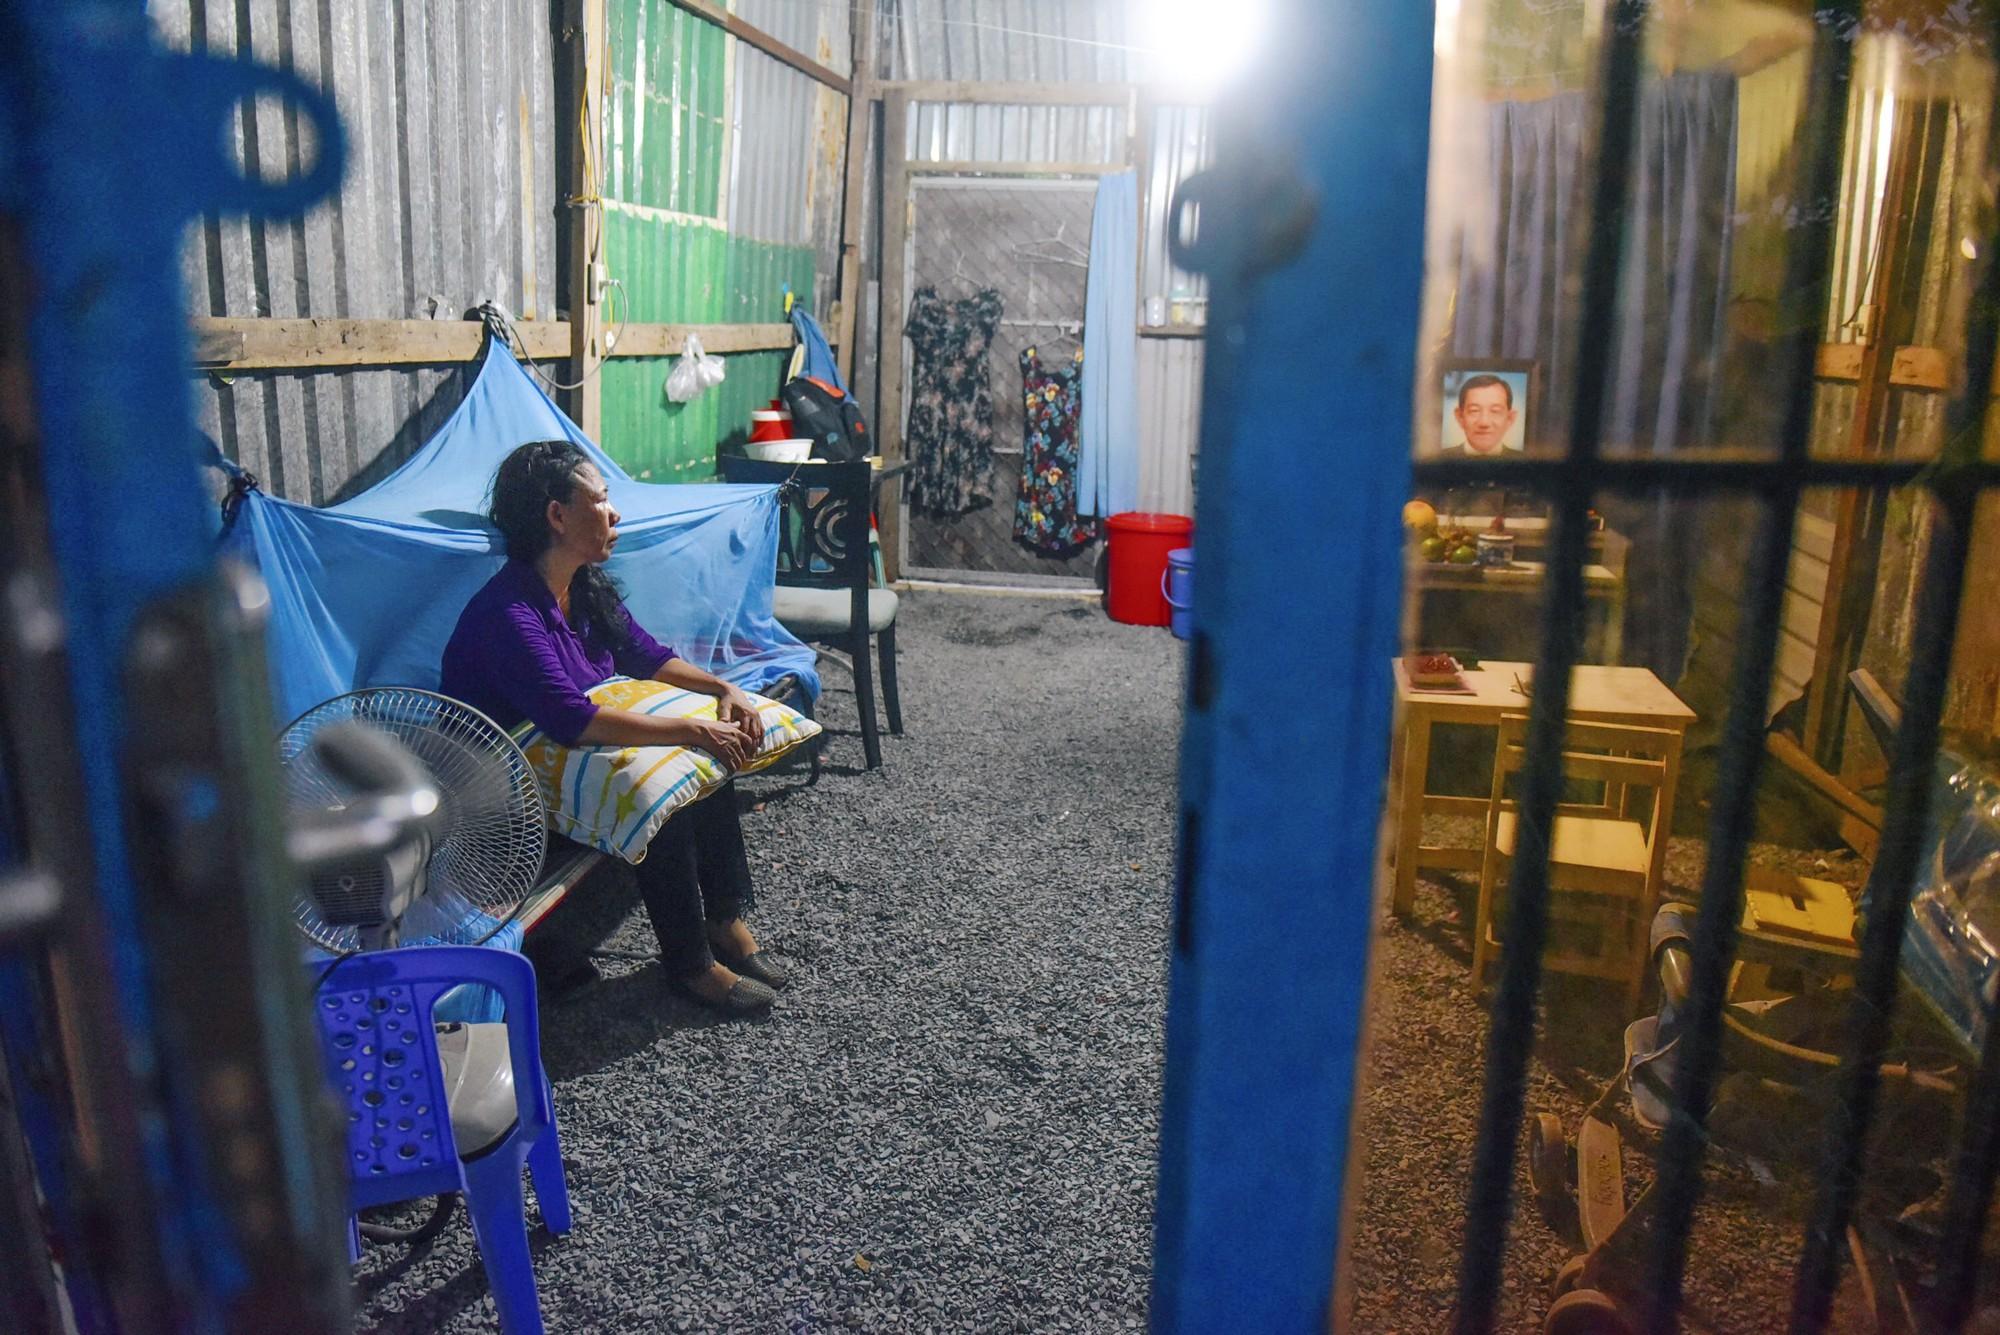 Gia cảnh một gia đình ở Thủ Thiêm tan đàn xẻ nghé vì nhà cửa, đất đai bị cưỡng chế - Ảnh 11.